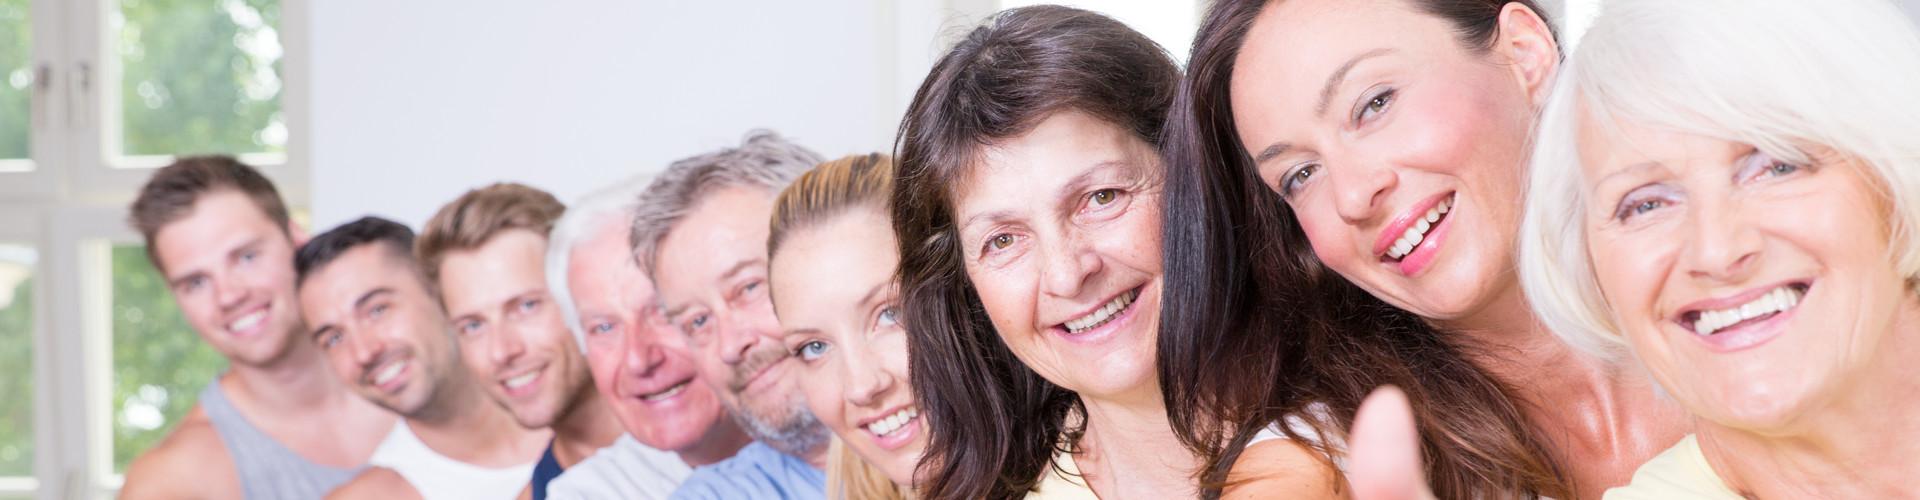 Neun Personen unterschiedlichen Alters und Geschlechts stehen in einer Reihe und geben den Daumen hoch © drubig-photo, stock.adobe.com